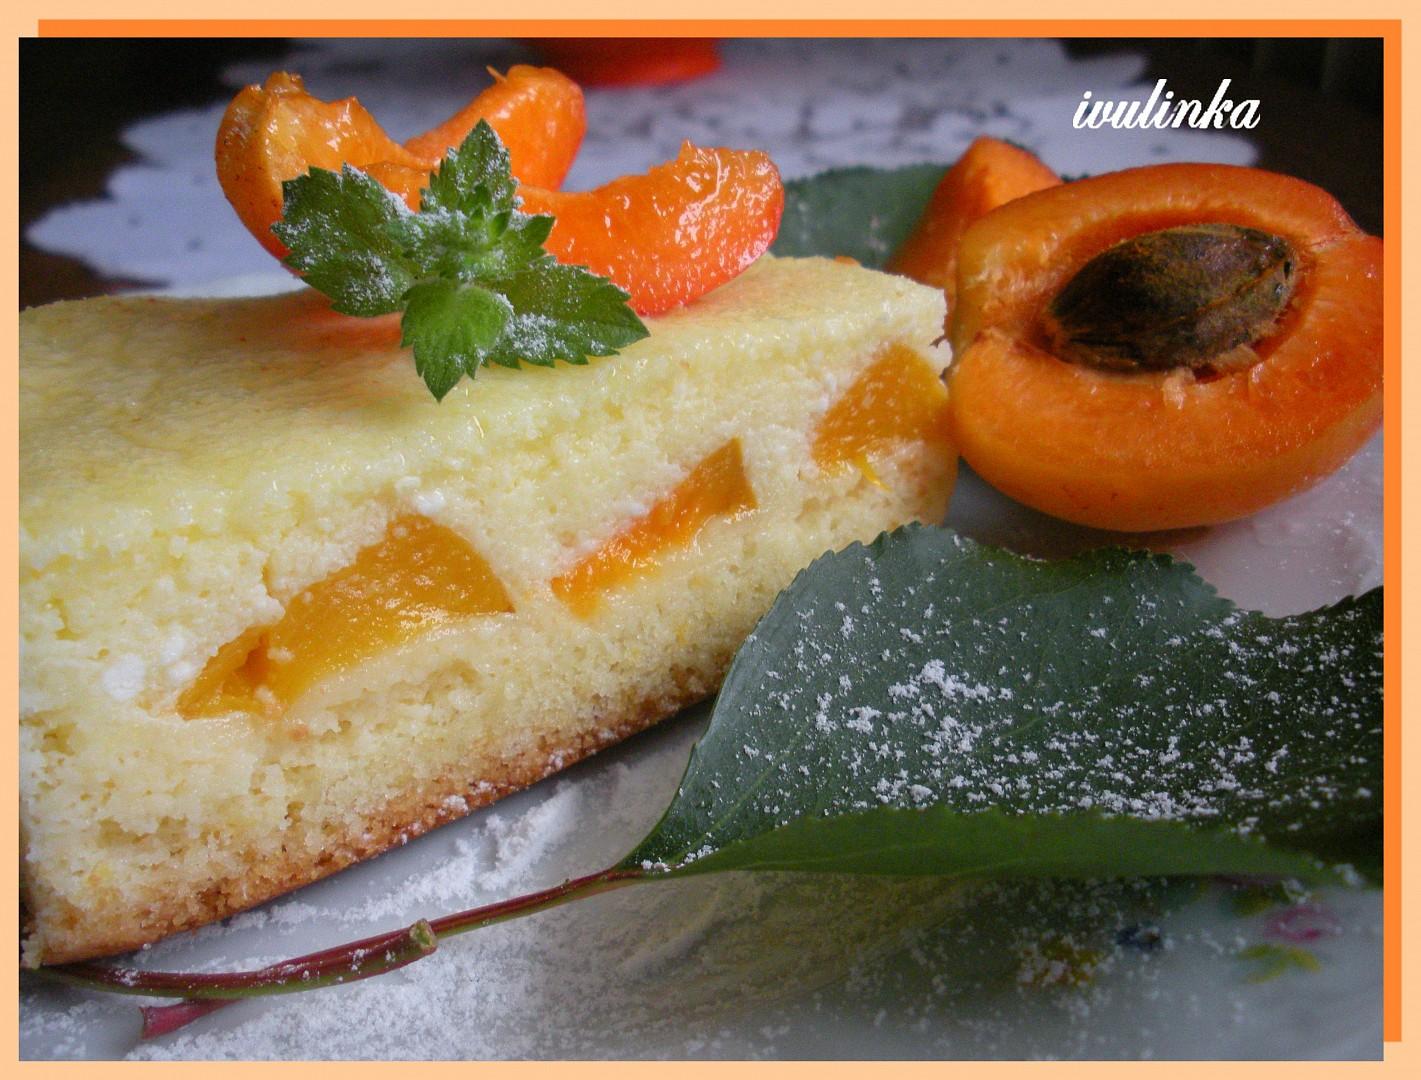 Tvarohovo - krupicový koláč